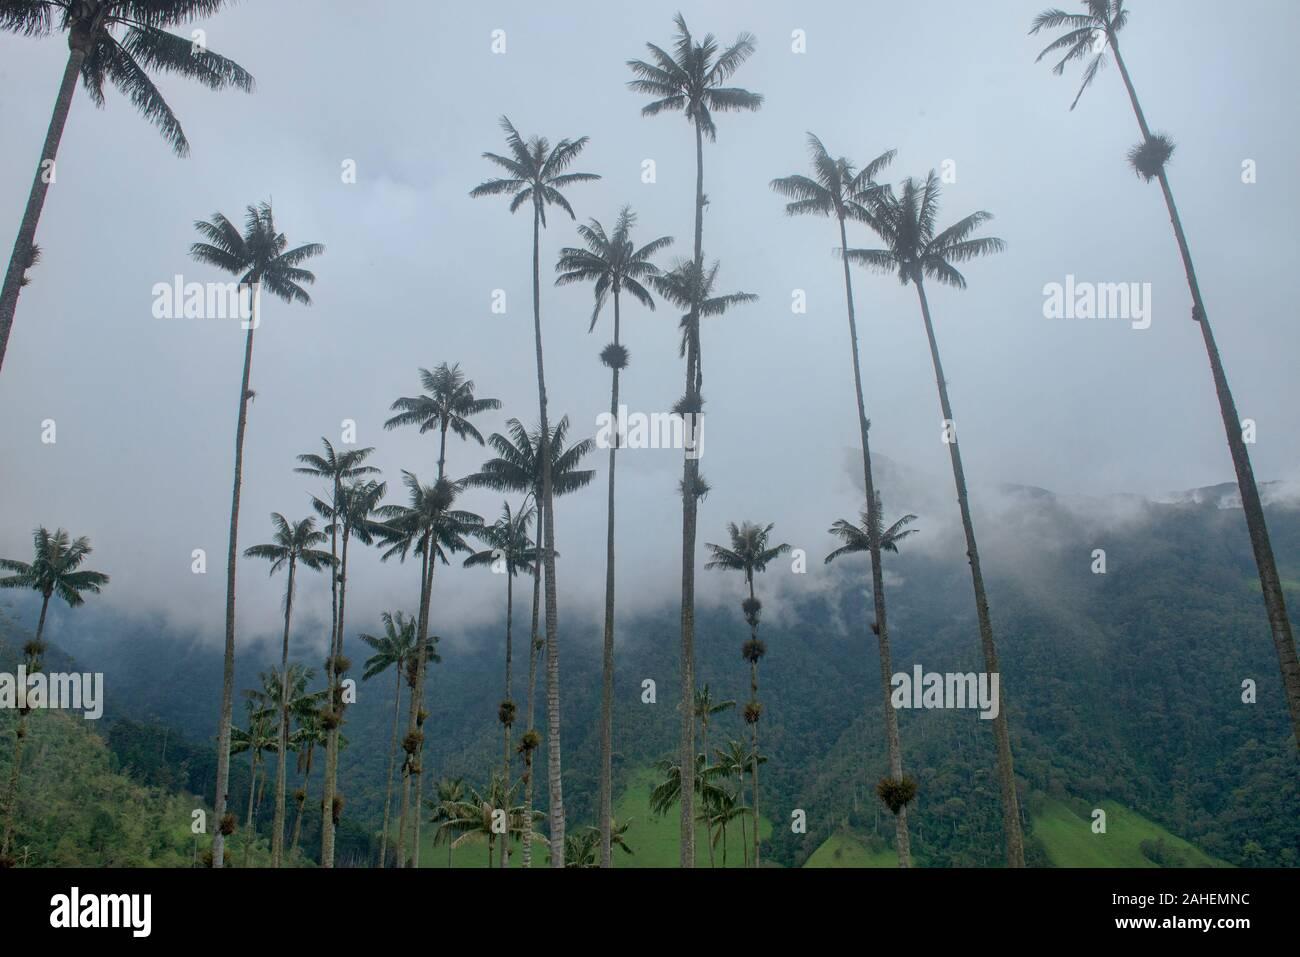 Palmas de cera (Ceroxylon quindiuense) en las palmas, el más alto del mundo, el Valle de Cocora, Salento, Colombia Foto de stock